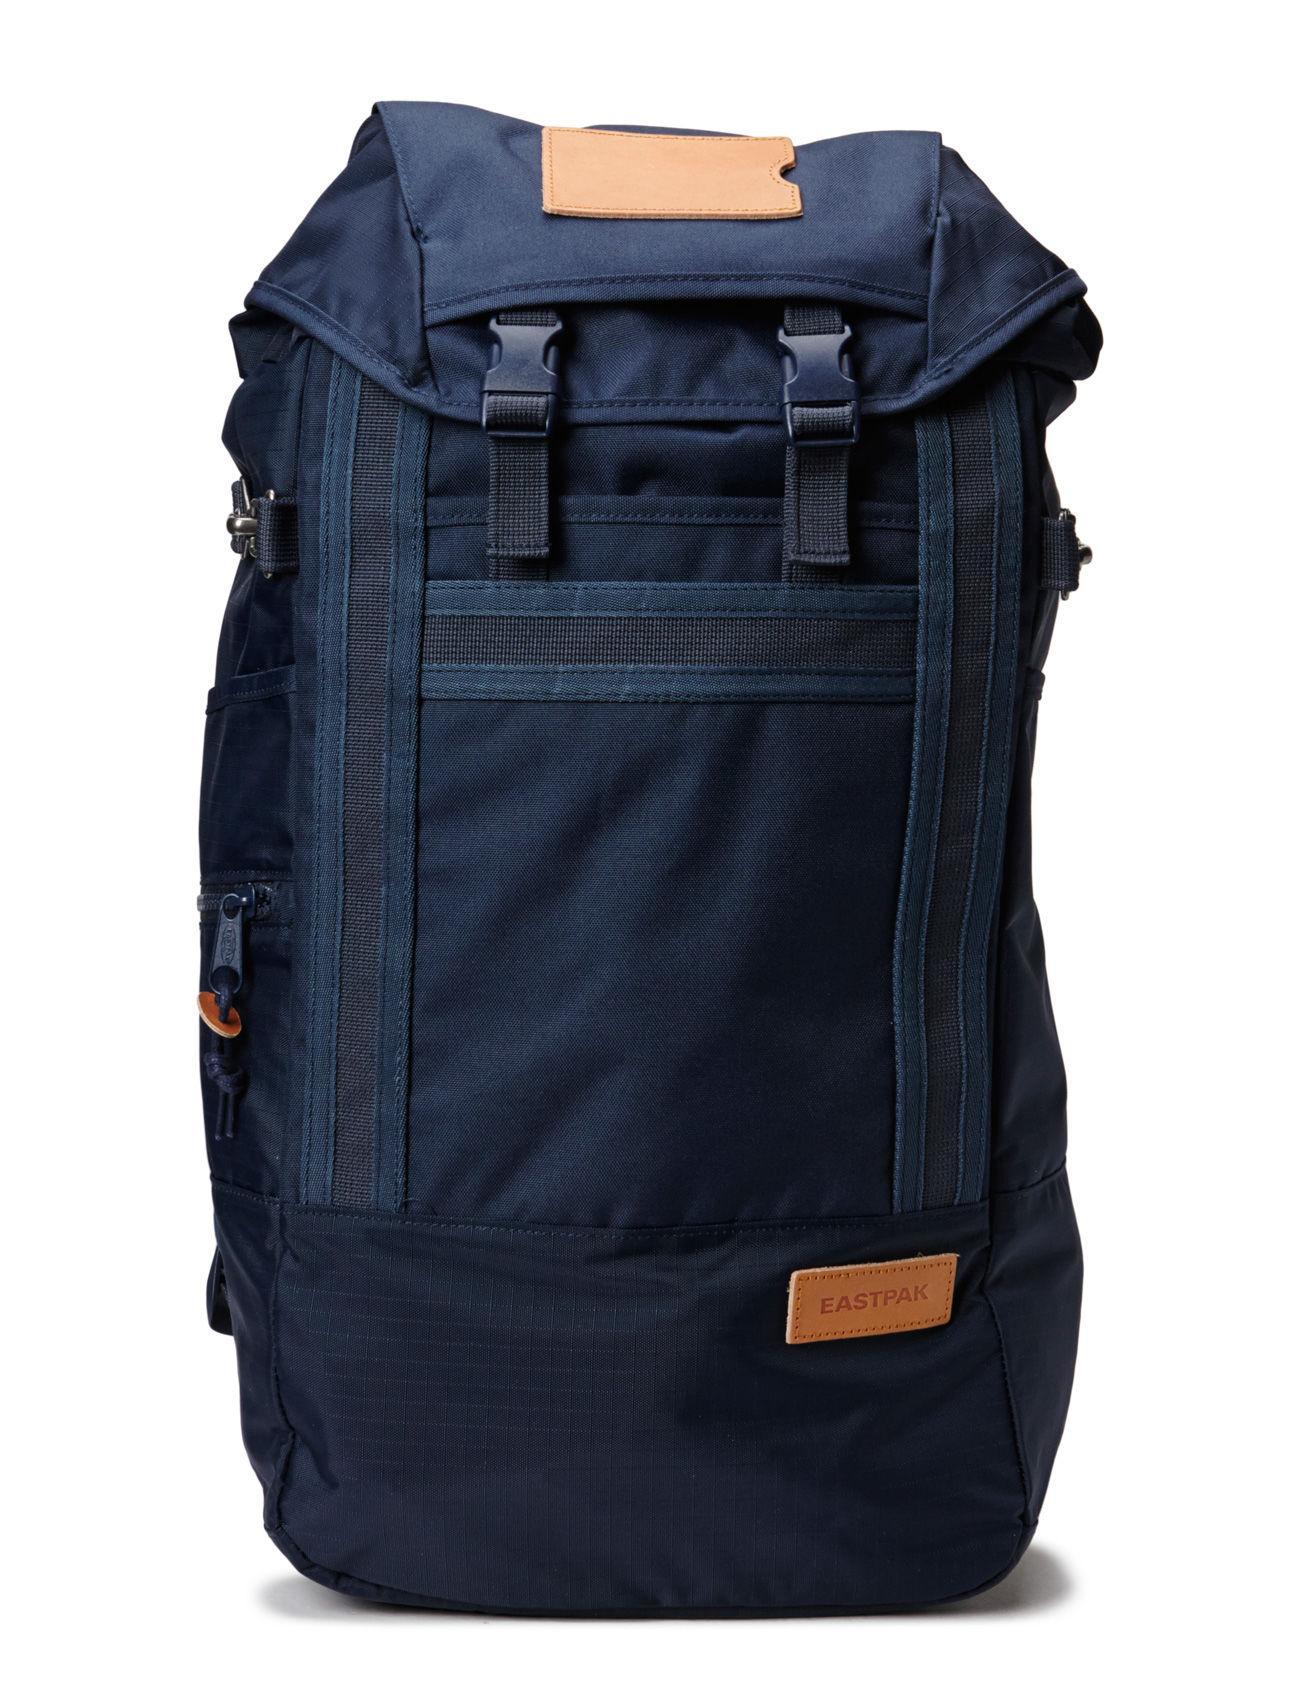 Sélection de sac à dos, valises en promotion - Ex : Sac à dos Eastpak Bust Merge - Bleu